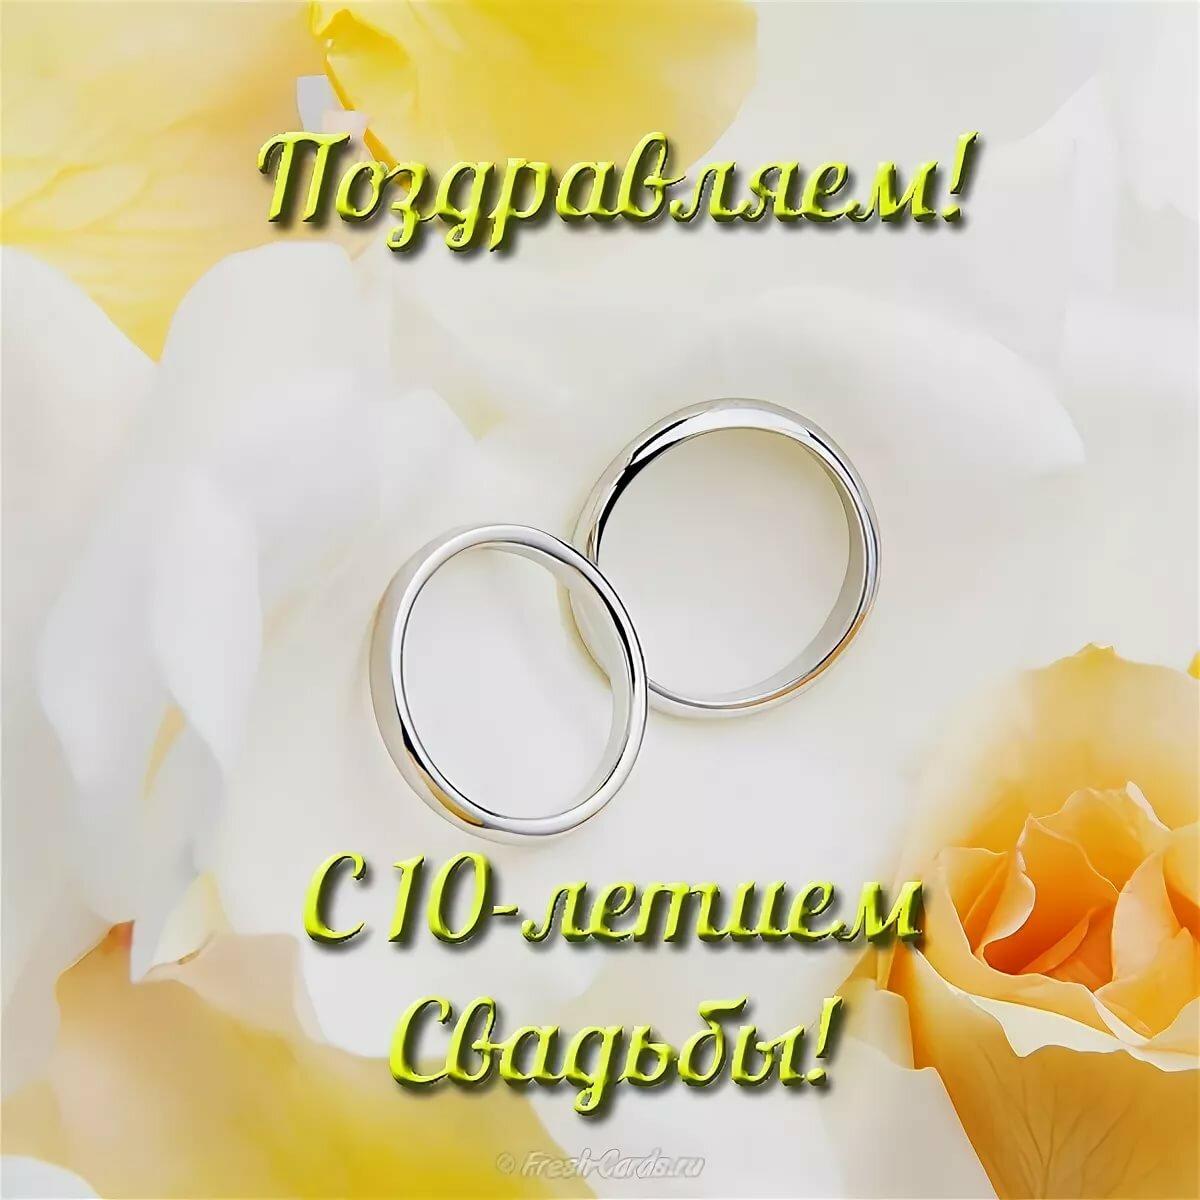 Открытка цветы, поздравления 10 лет свадьбы в картинках